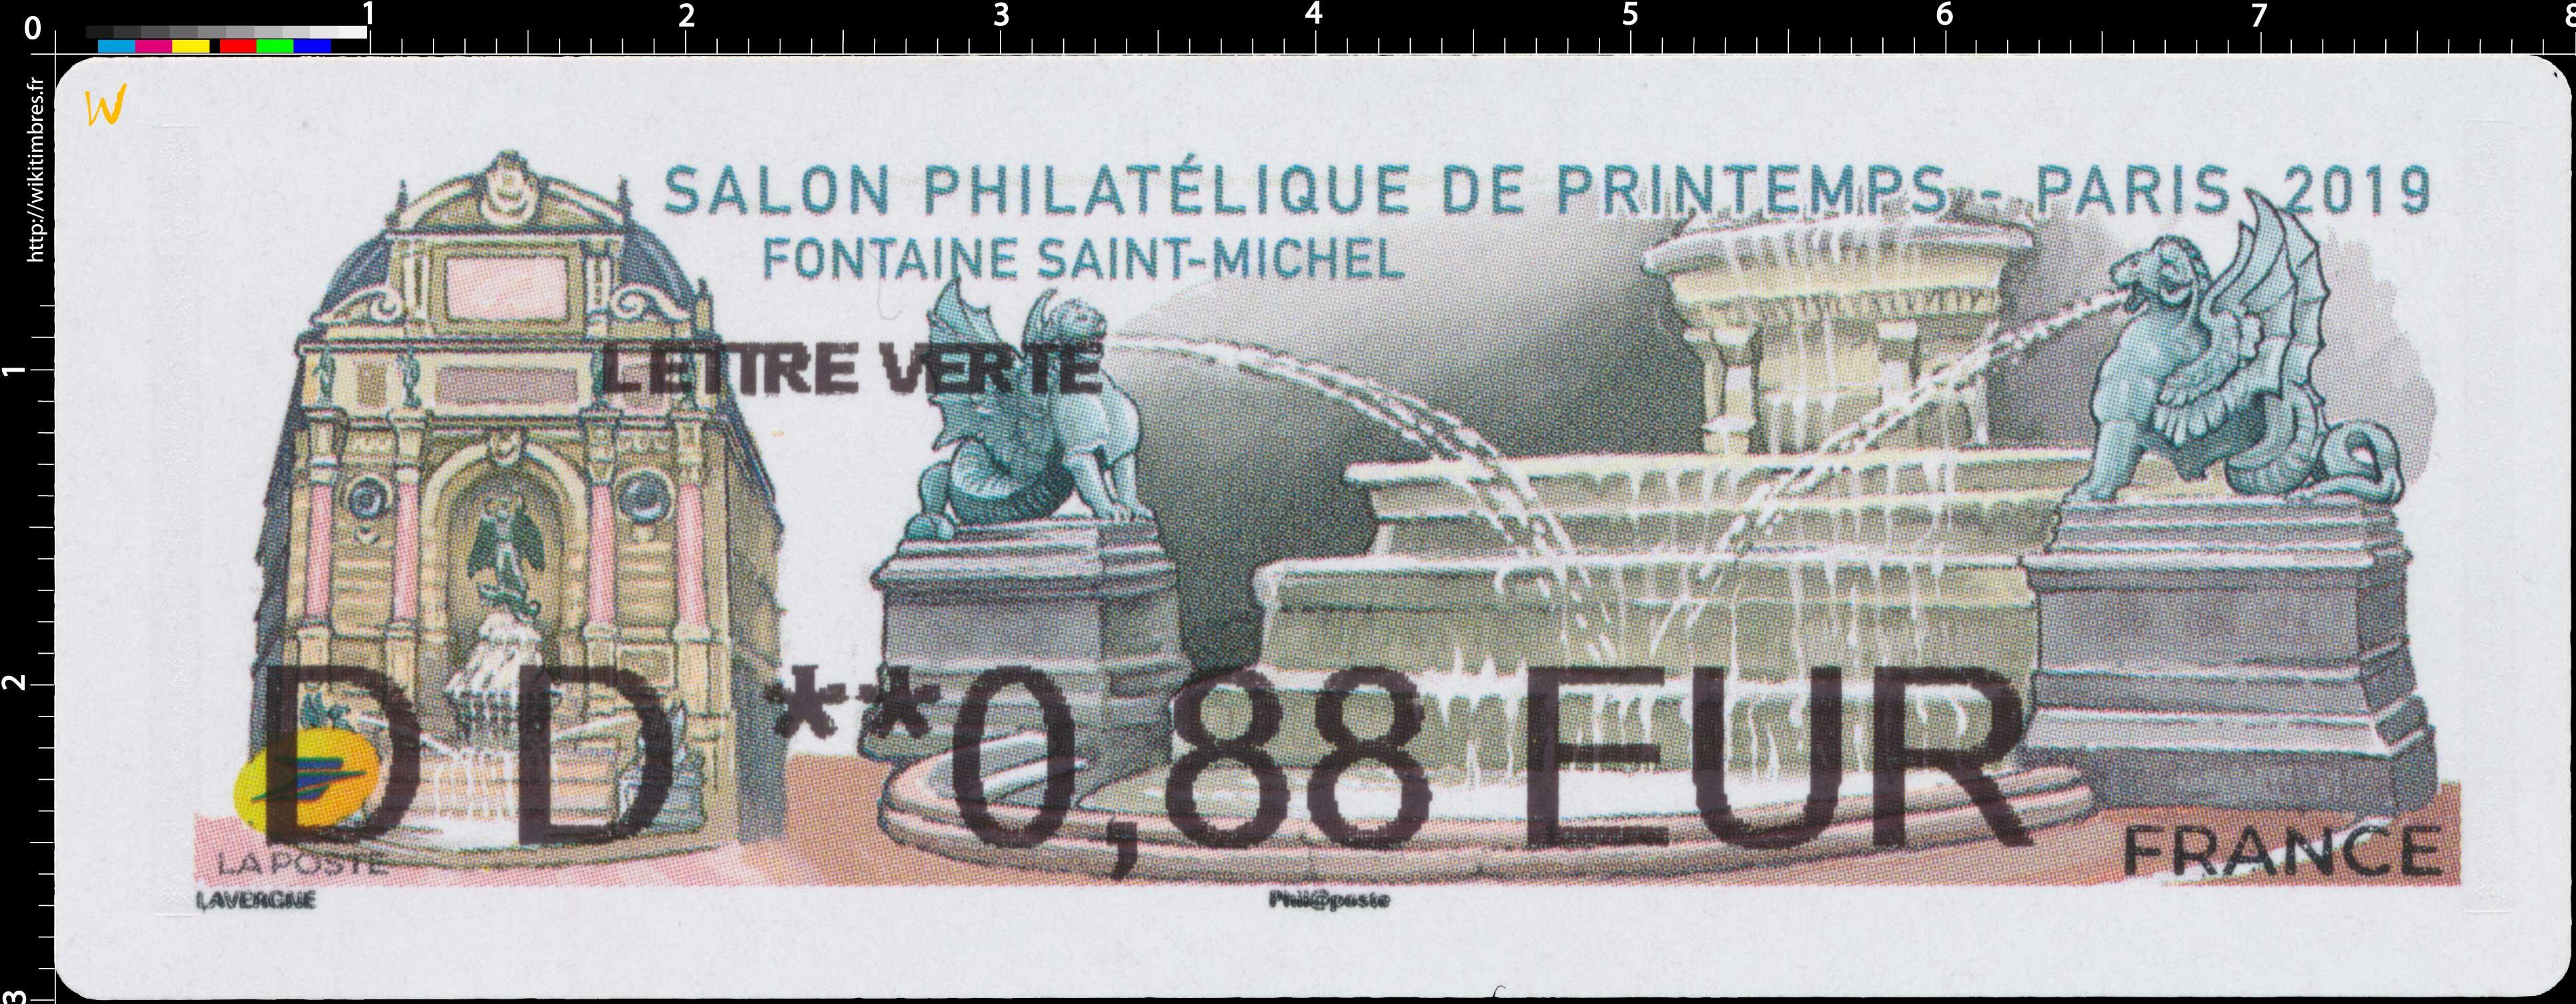 2019 Salon philatélique de printemps - Fontaine Saint-Michel - Paris